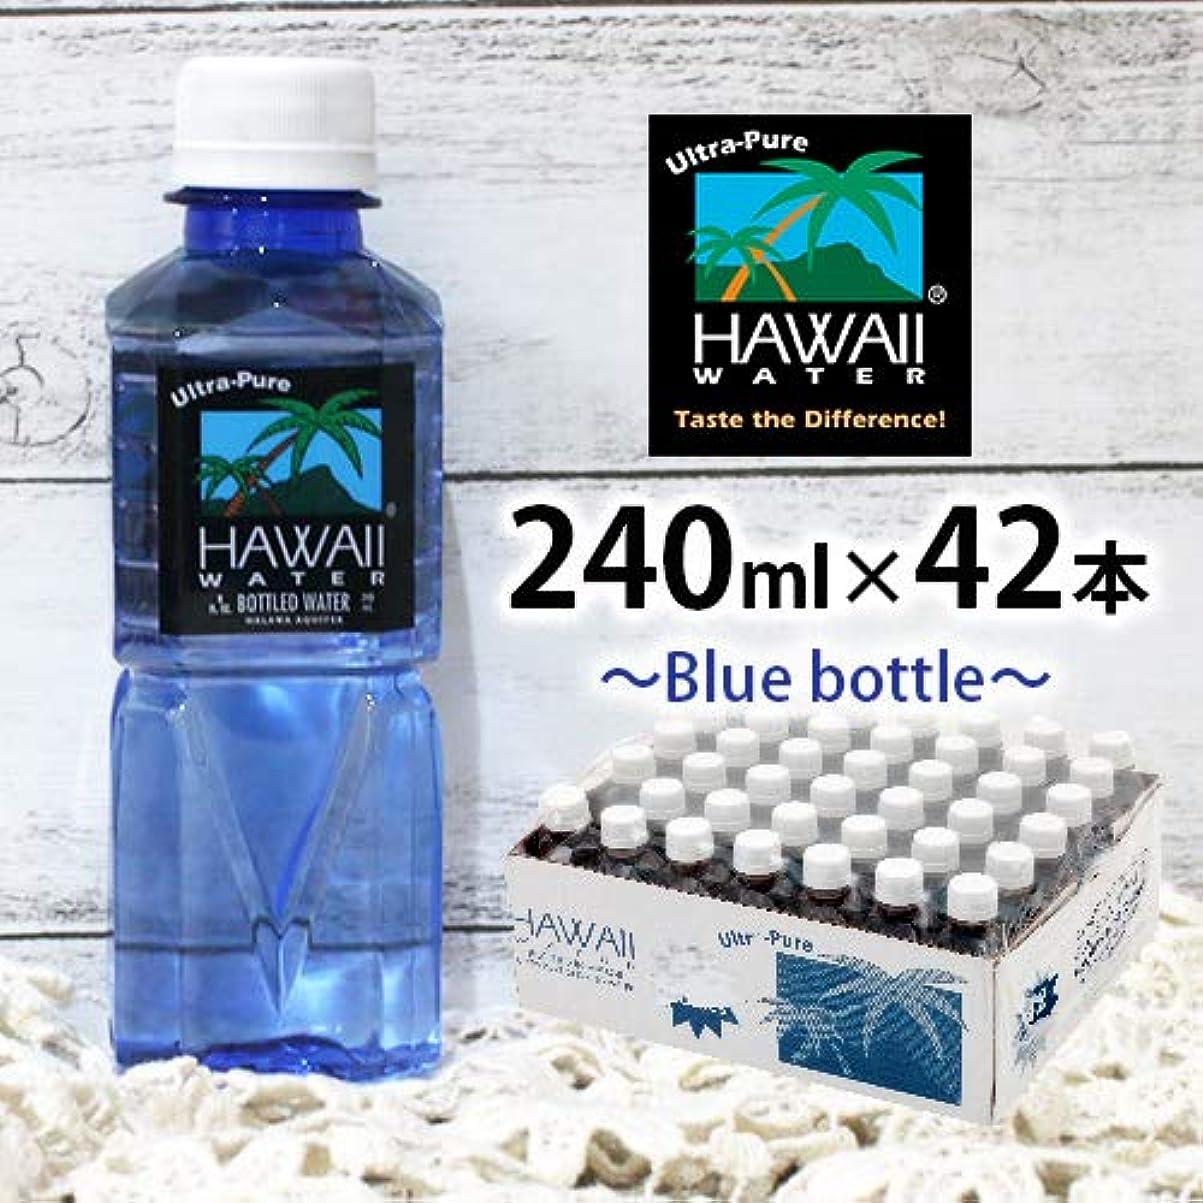 凝視司教どんよりしたハワイウォーター【240ml×42本(1ケース) ブルーボトル】純度99%のウルトラピュアウォーター!飲みやすさ抜群「超軟水」Hawaiiwater ペットボトル 海外セレブ お水 BLUE